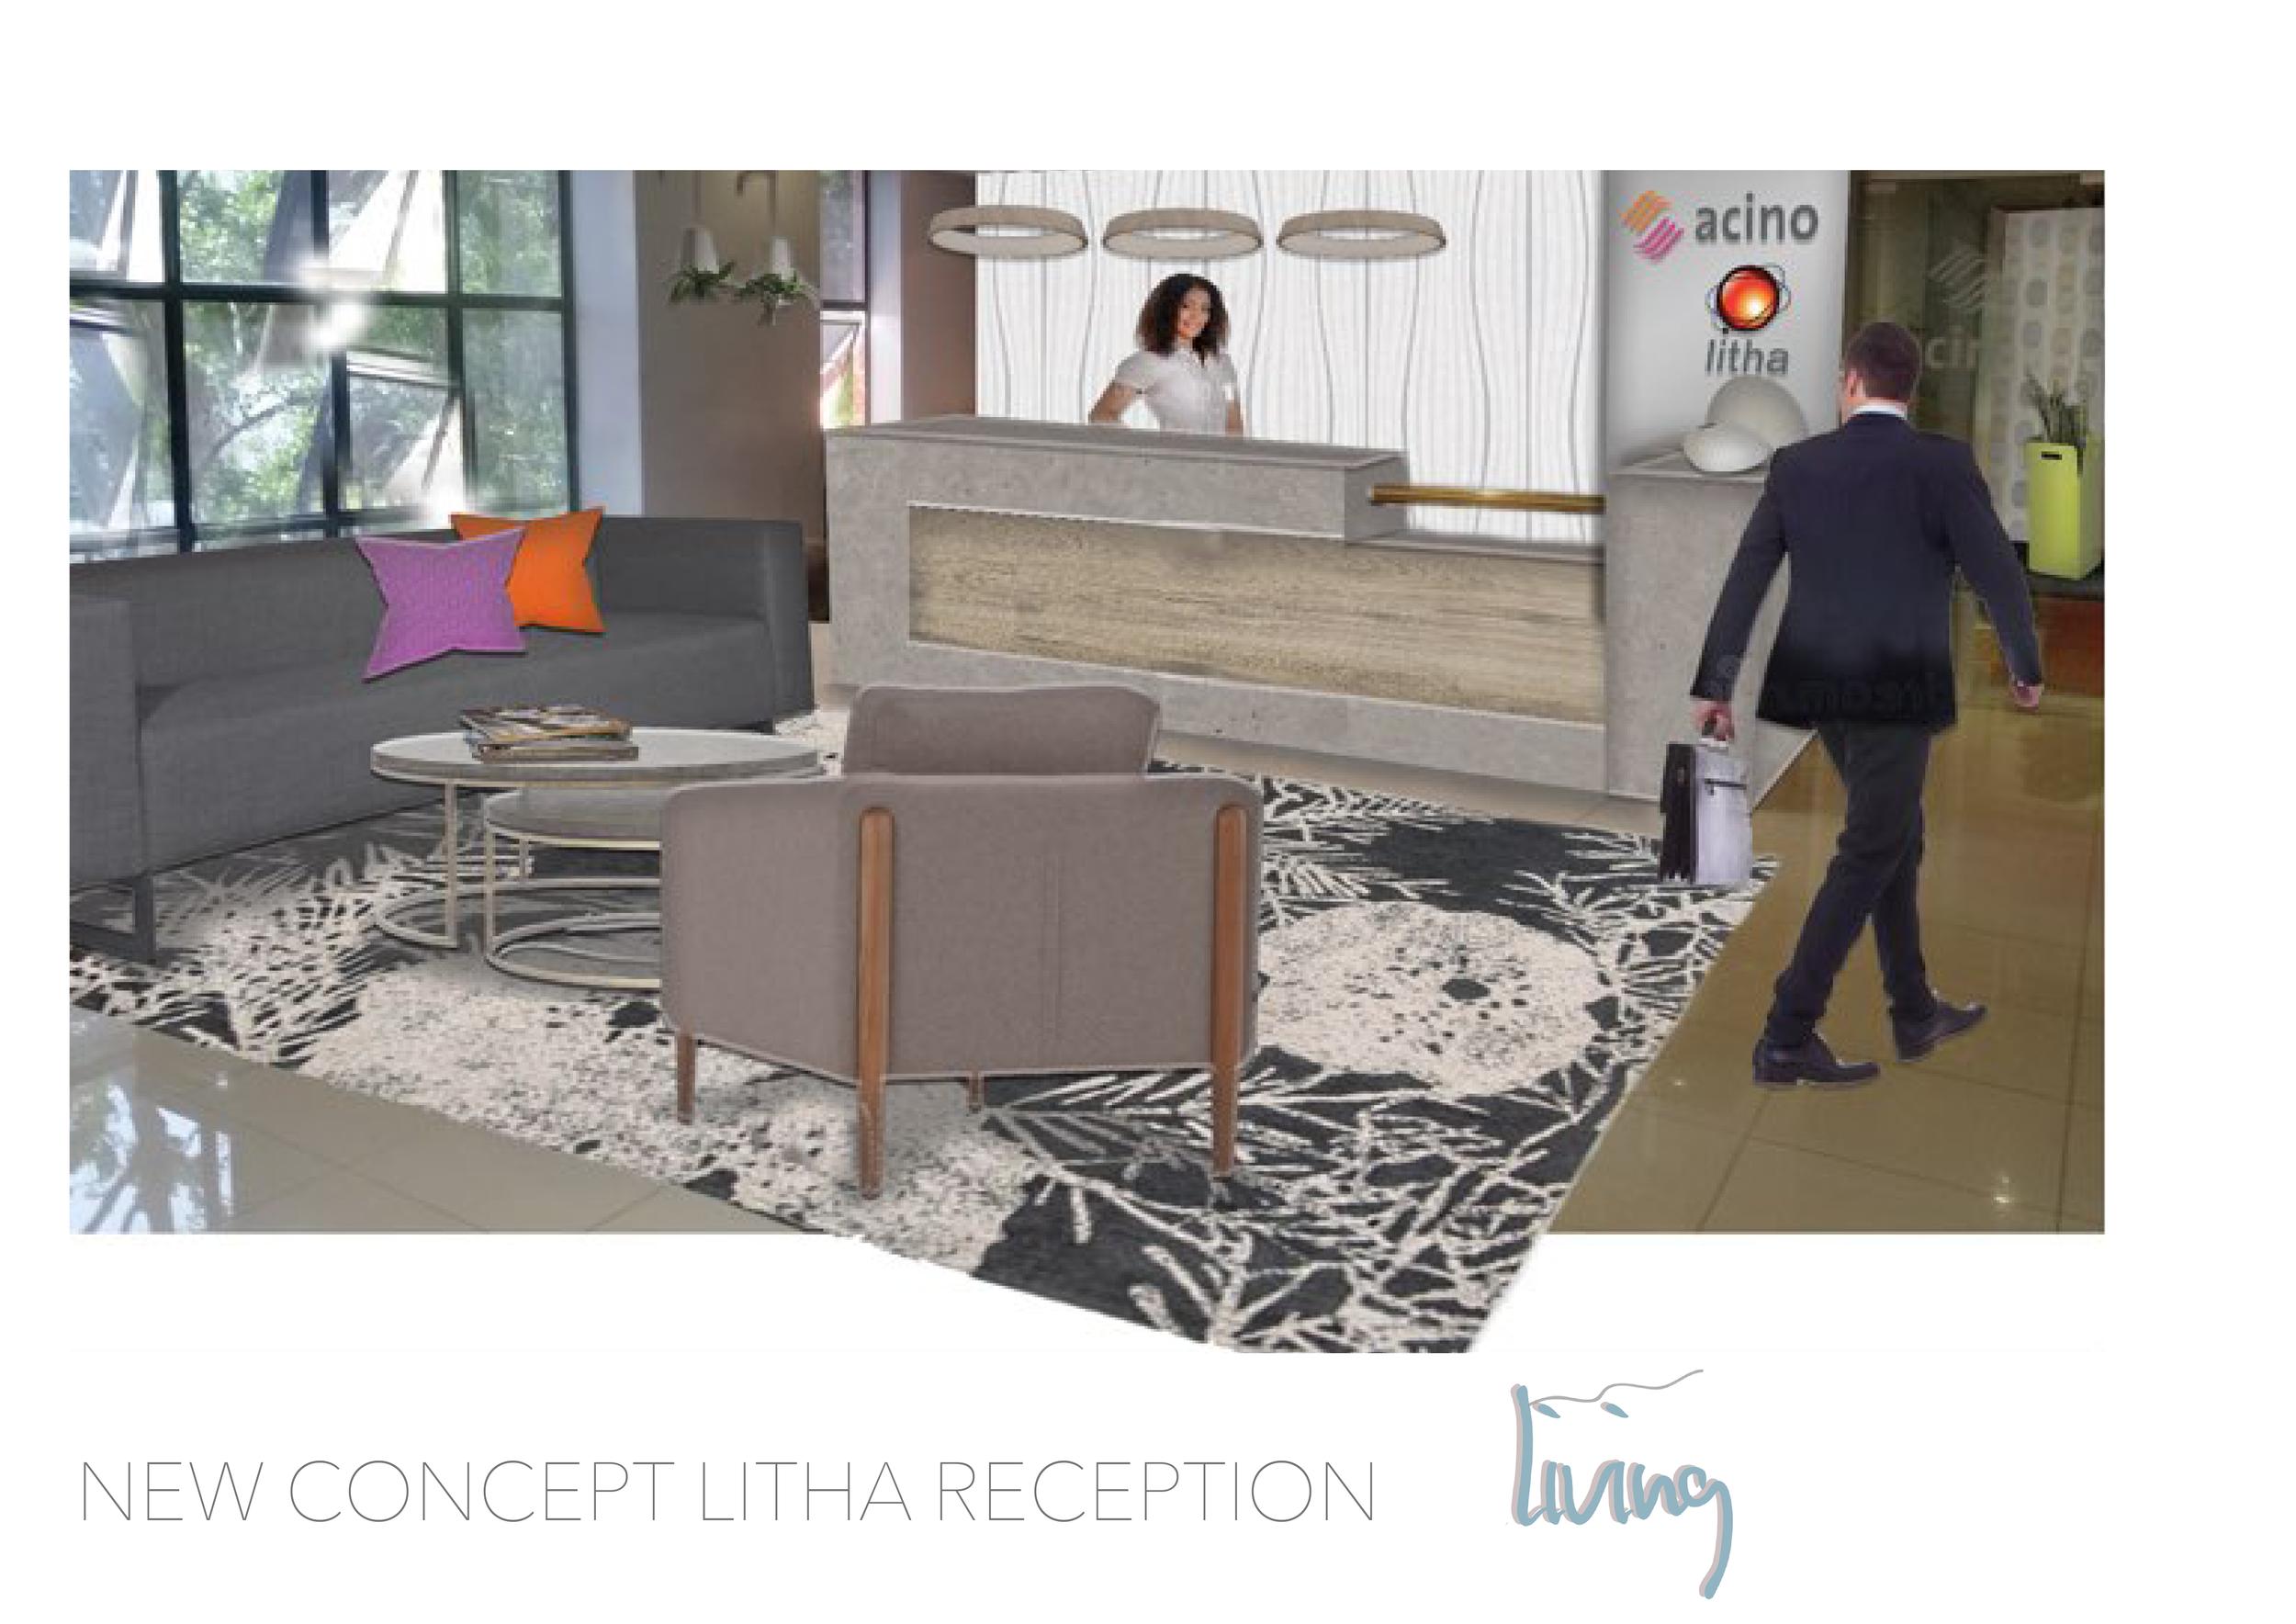 Litha_Concept_web 3.png